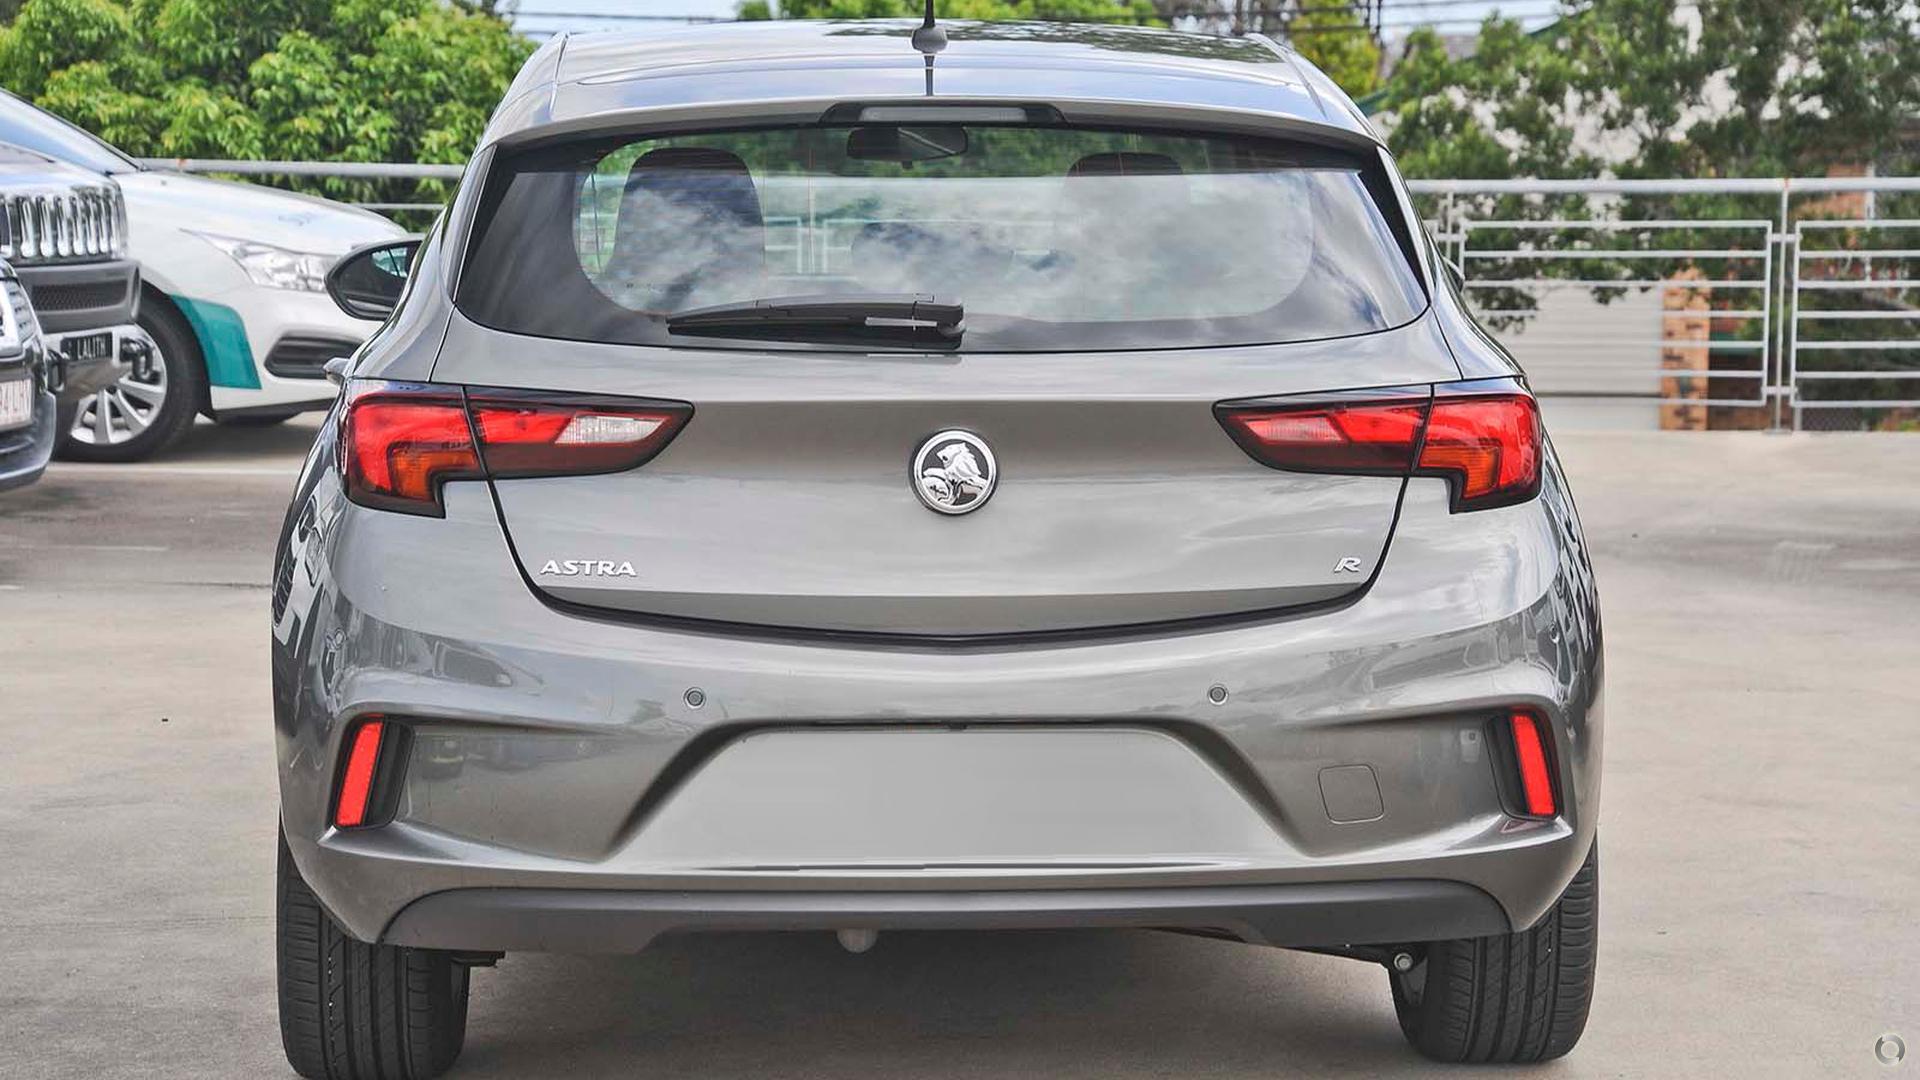 2018 Holden Astra R BK